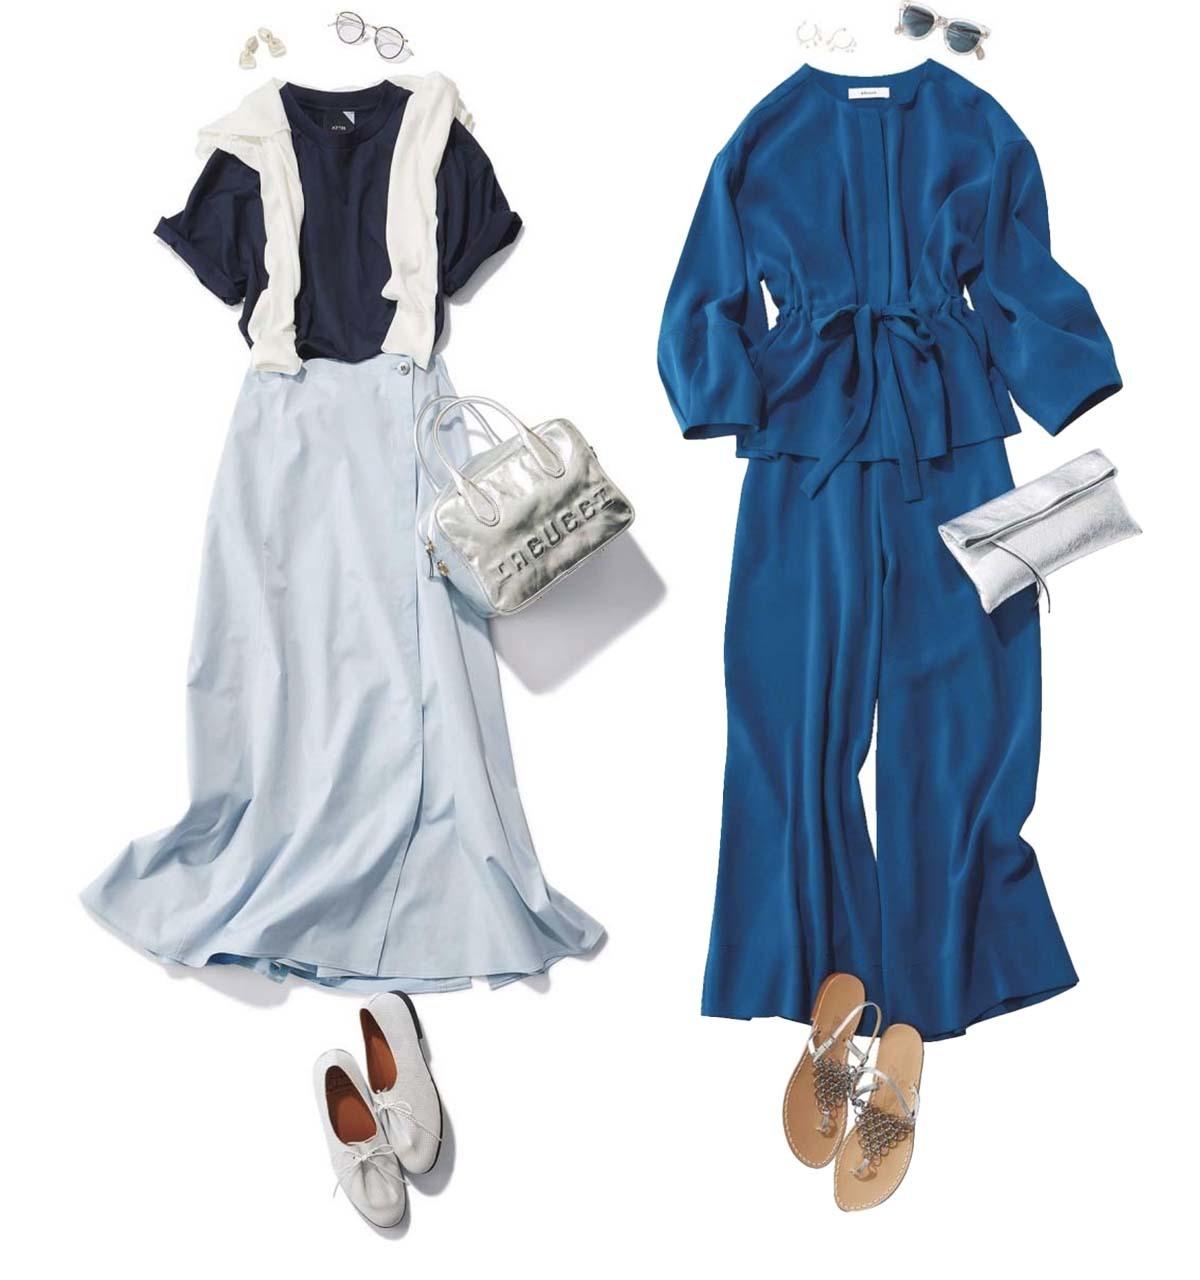 甘すぎず40代にちょうどいいかわいいがかなうブルーコーデのまとめ 40代ファッション